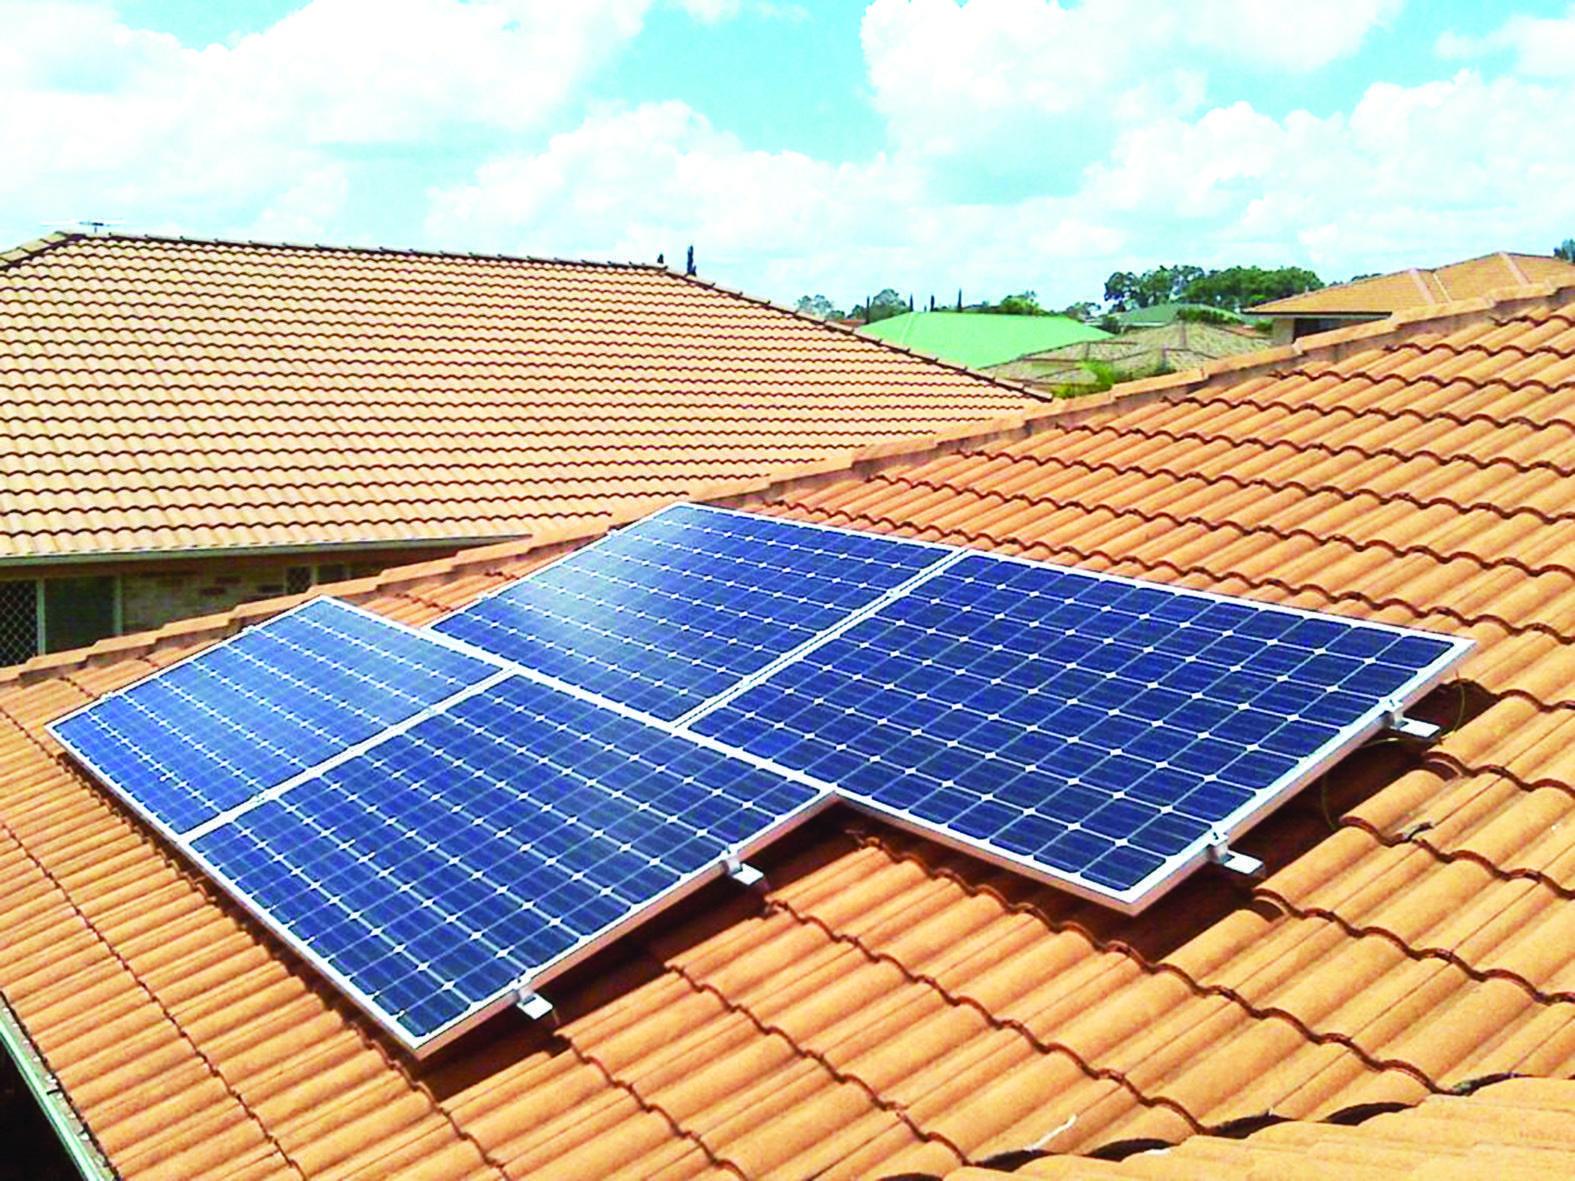 Energia Solar Fotovoltaica  Painel Solar Fotovoltaico  Neosolar